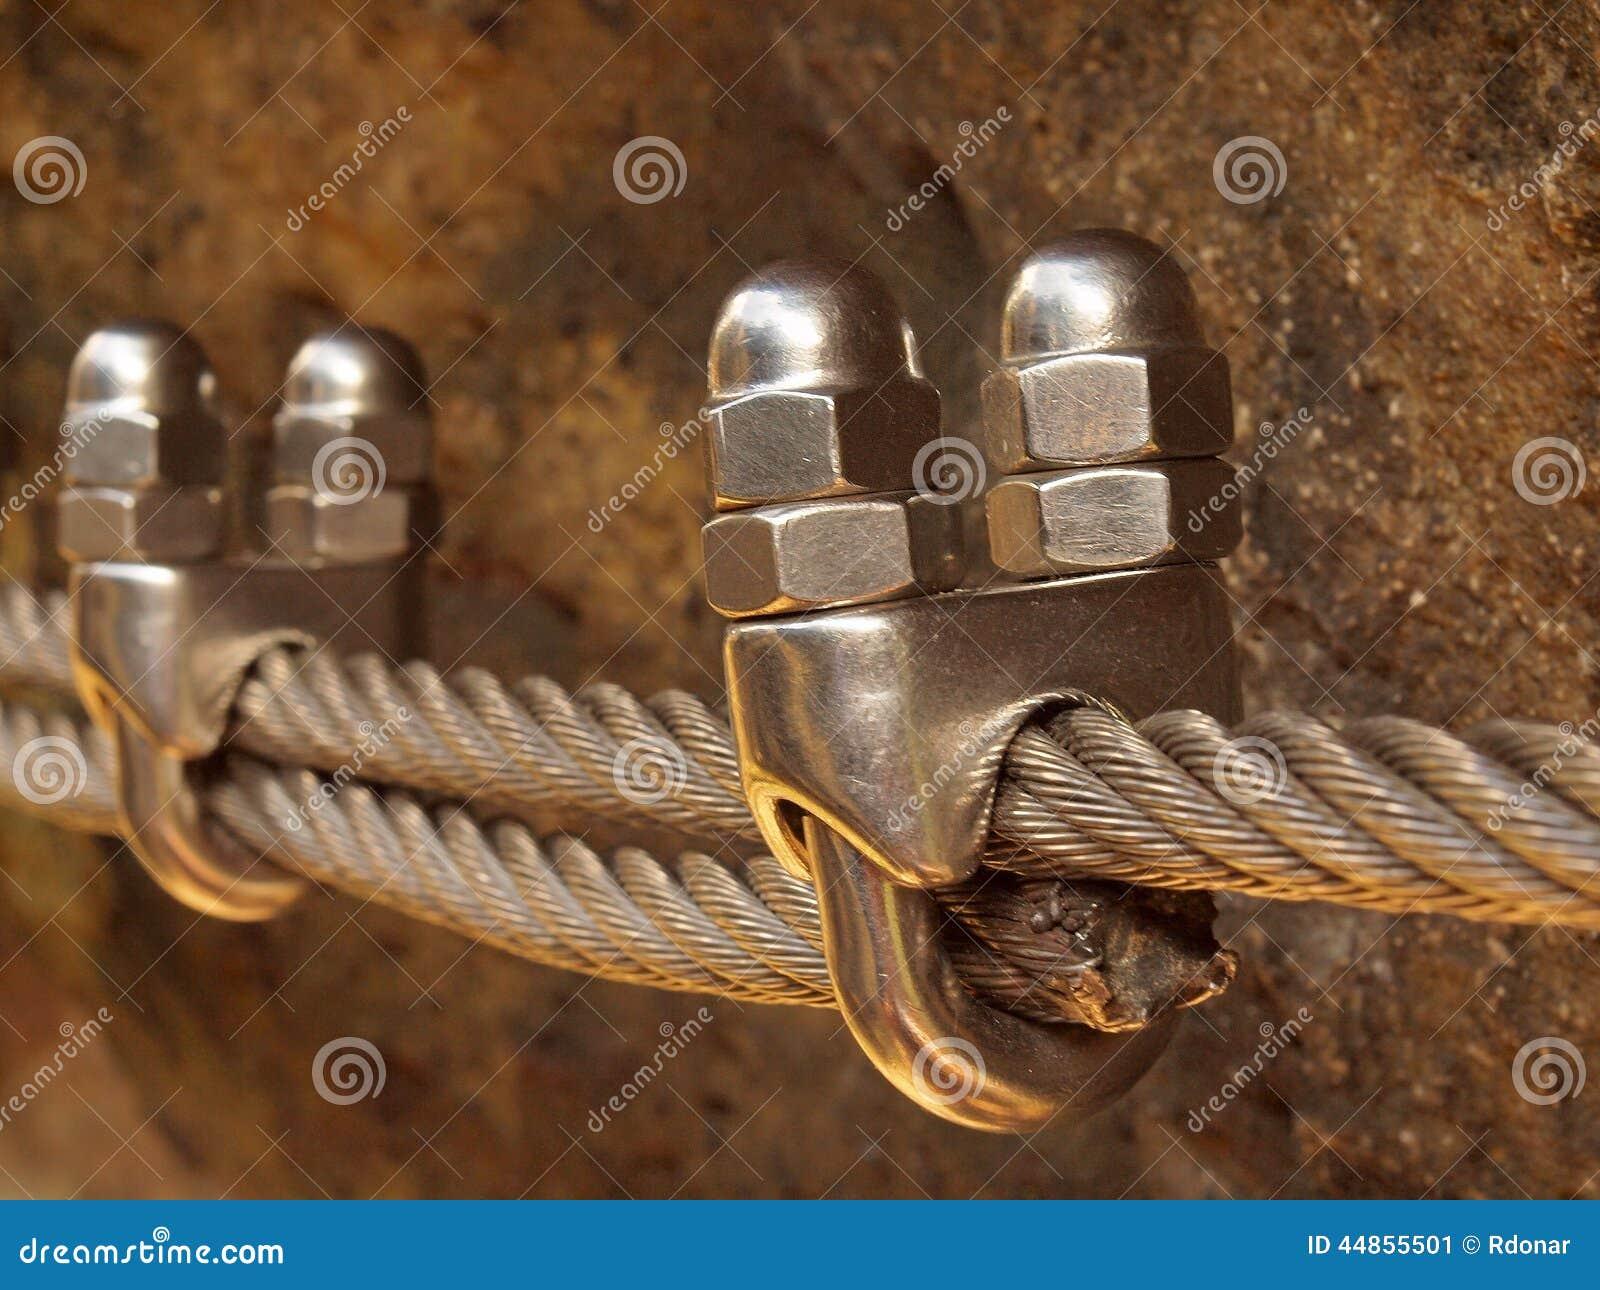 Detalle de la abrazadera del tornillo en el extremo de la cuerda del irone Los escaladores planchan la cuerda torcida fijada en b